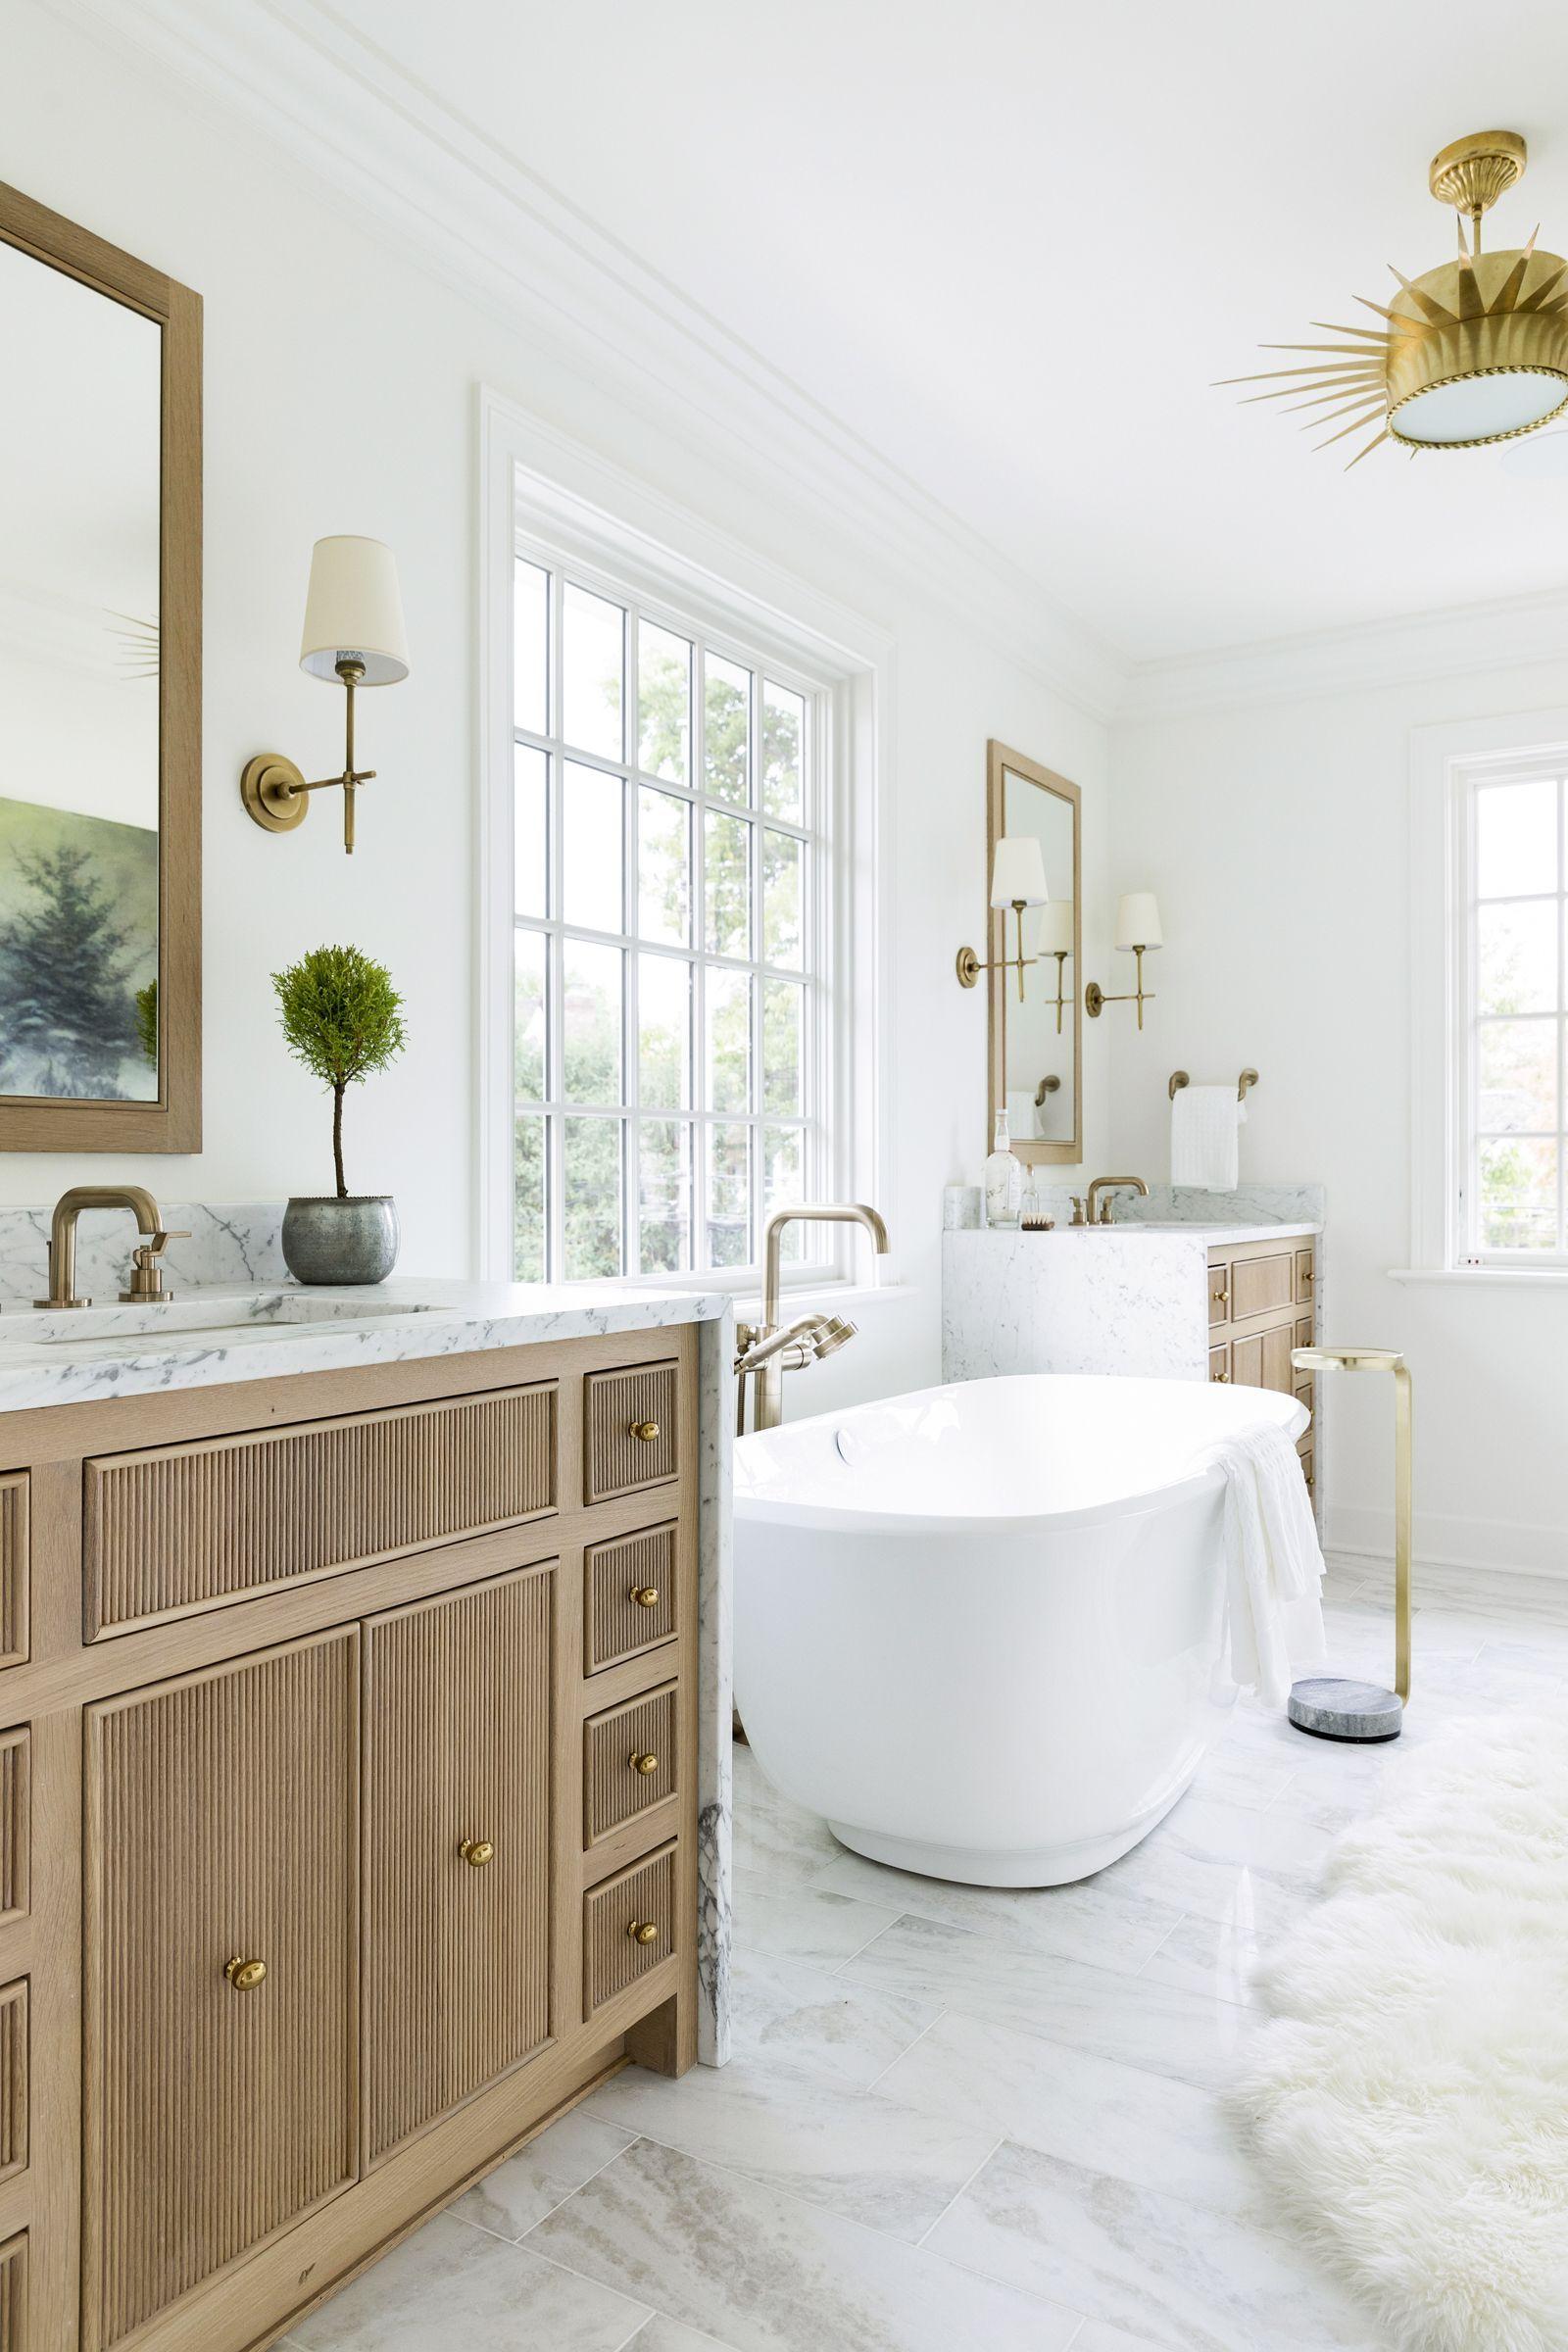 100+ Spa Bathroom Design Ideas For Your Dream House | Spa Bathroom ...